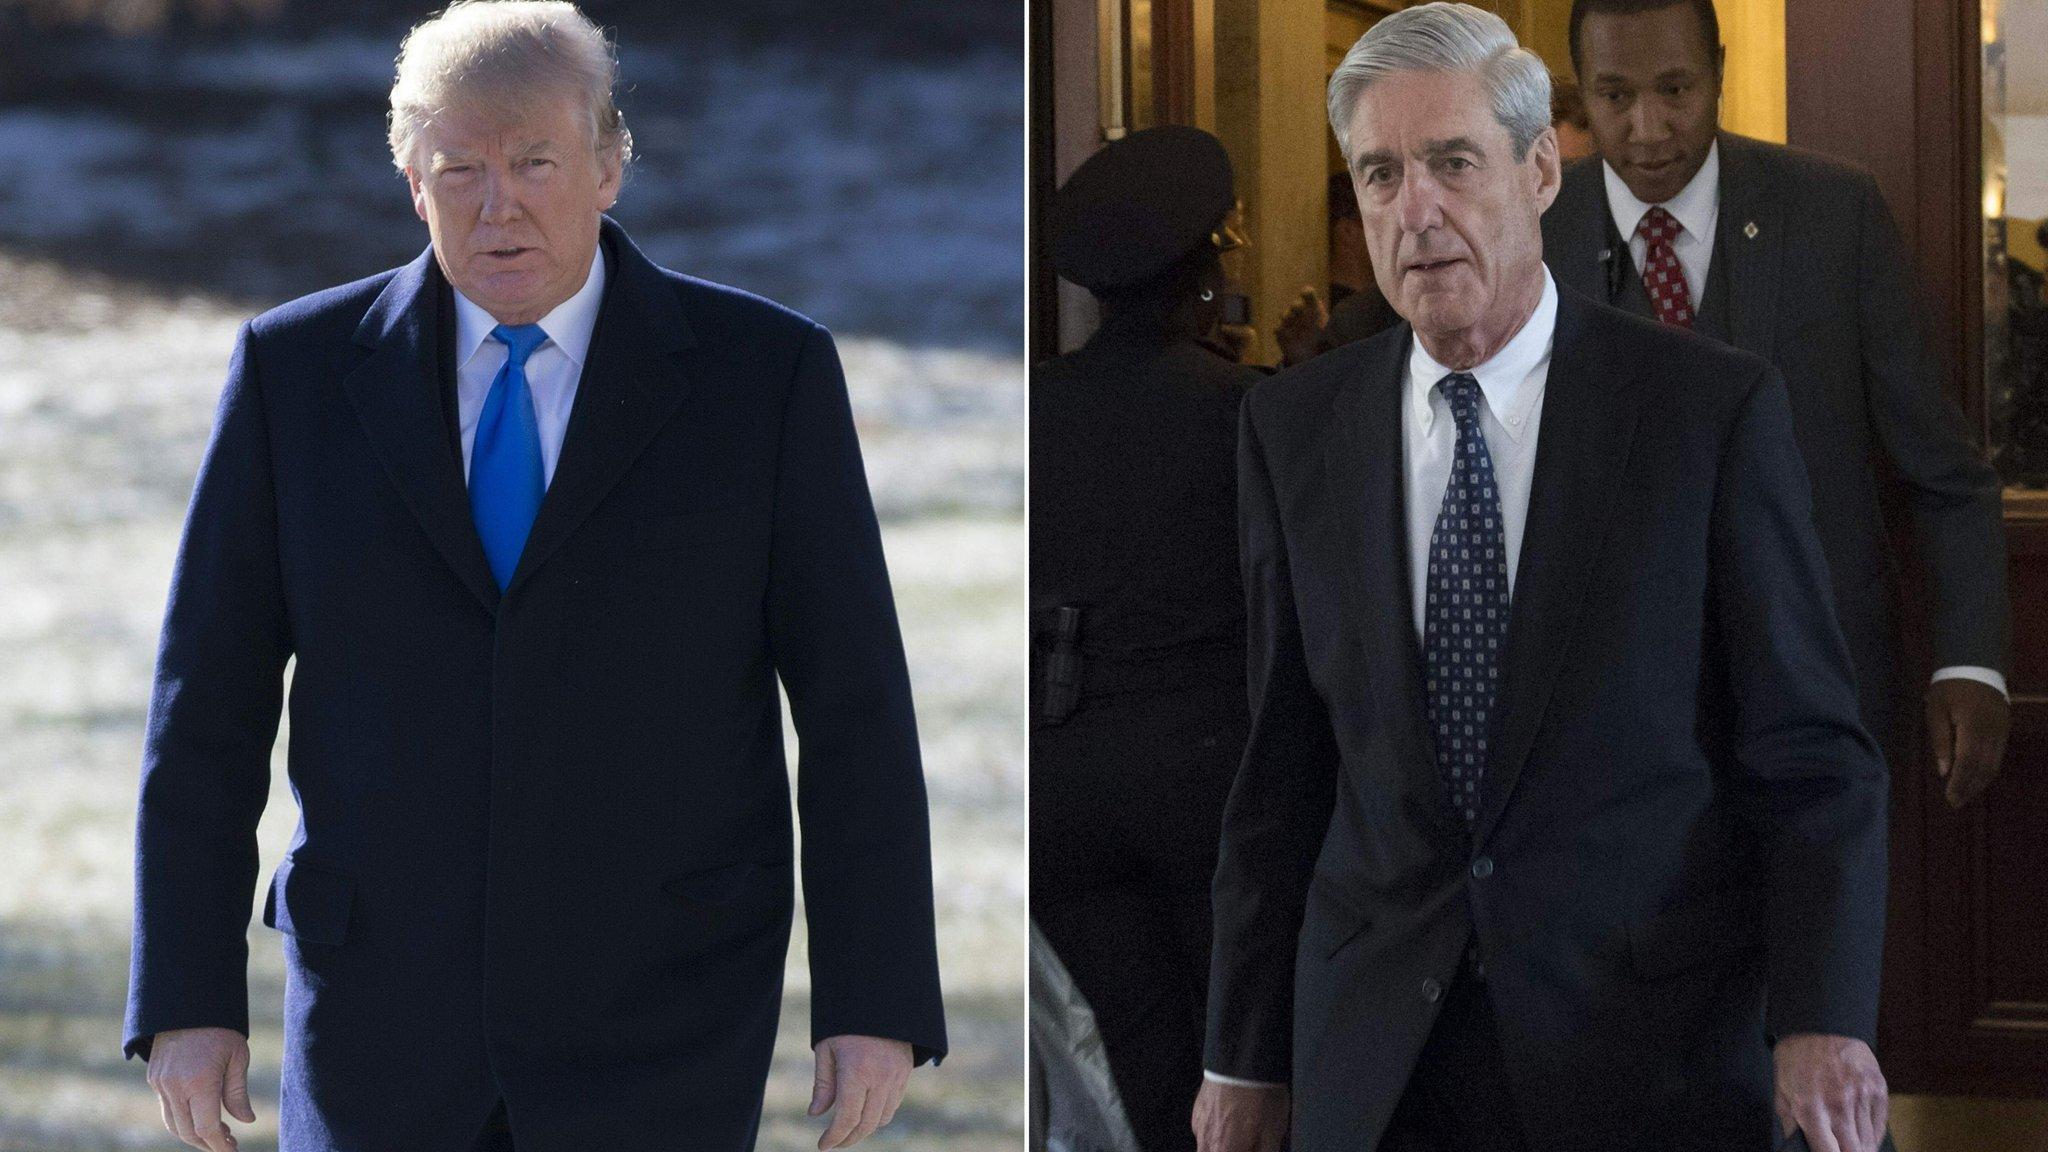 Trump says he will speak under oath to Mueller